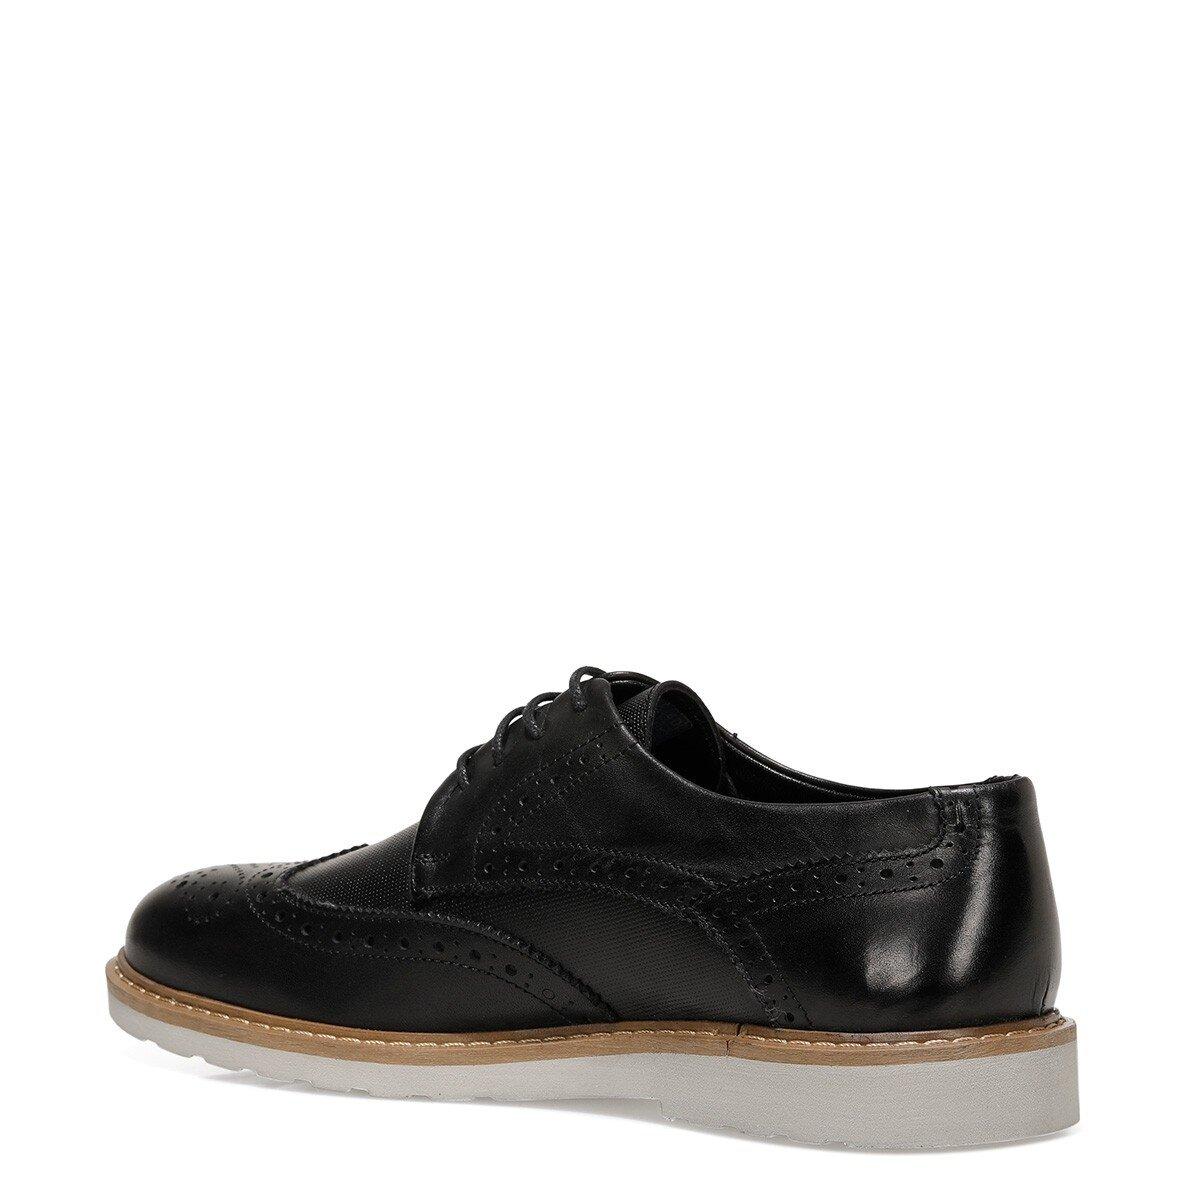 BENON 1FX Siyah Erkek Klasik Ayakkabı